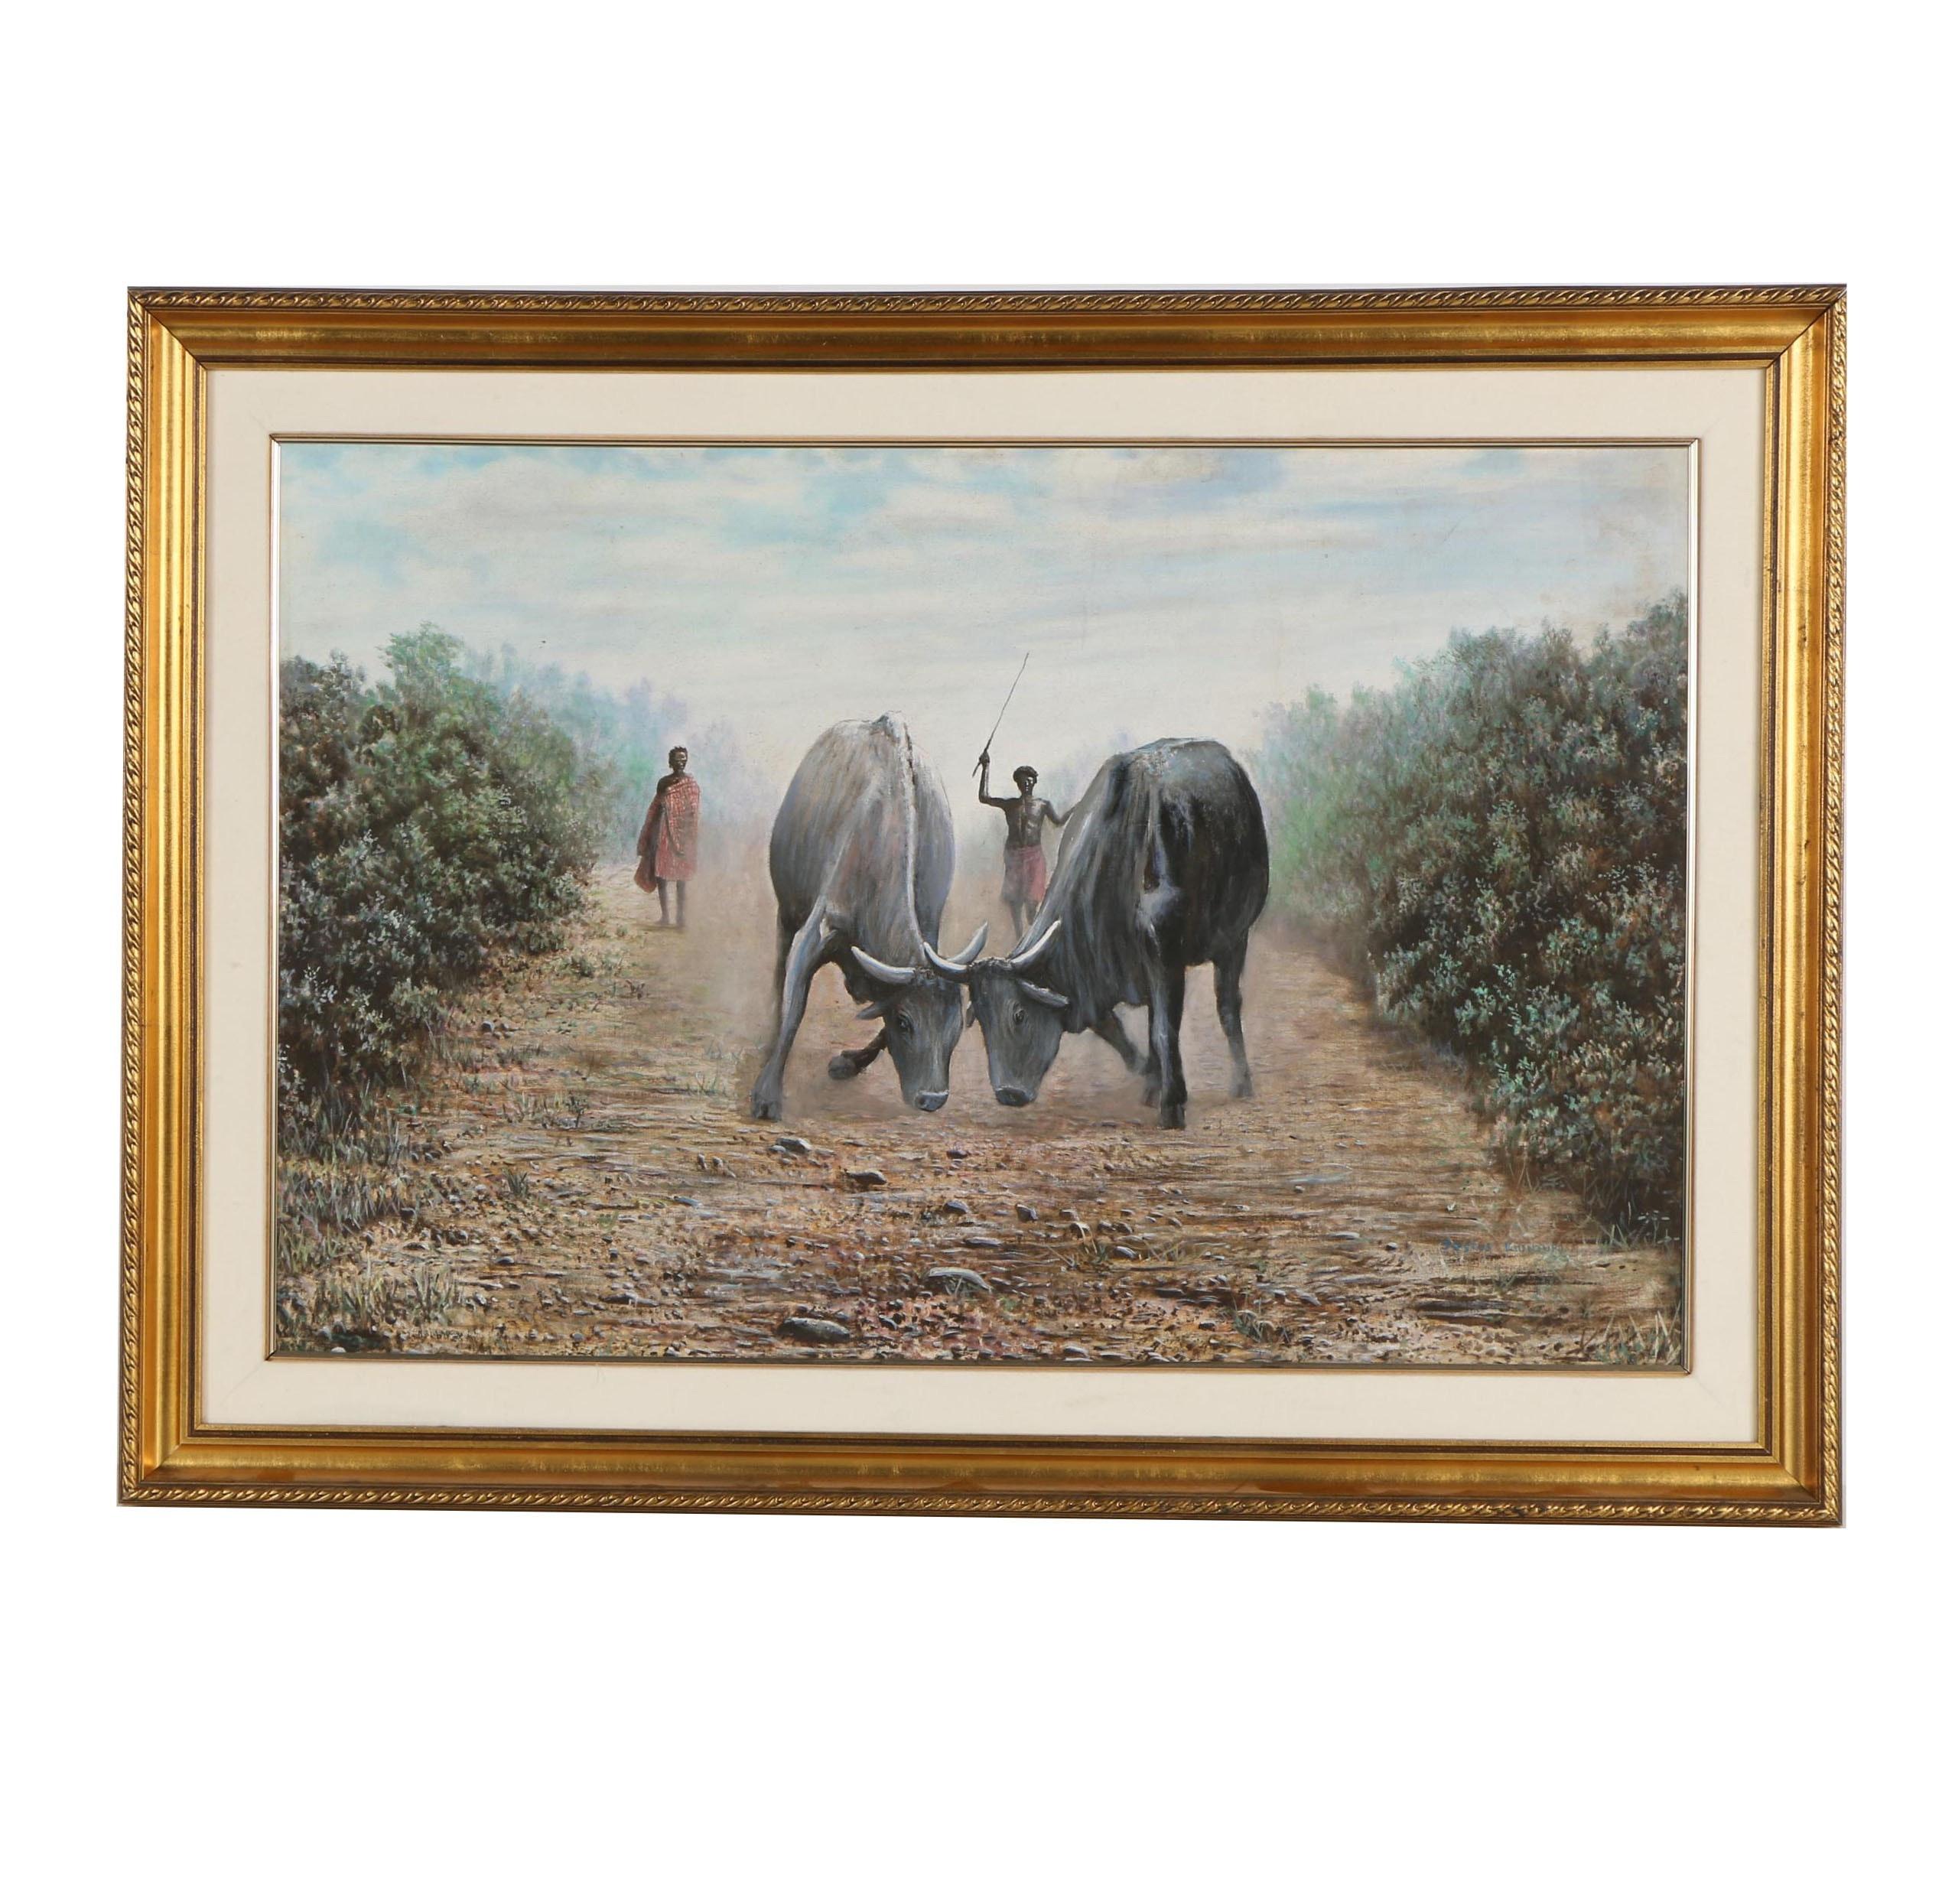 Justus Kiunjuri Oil Painting of Bulls